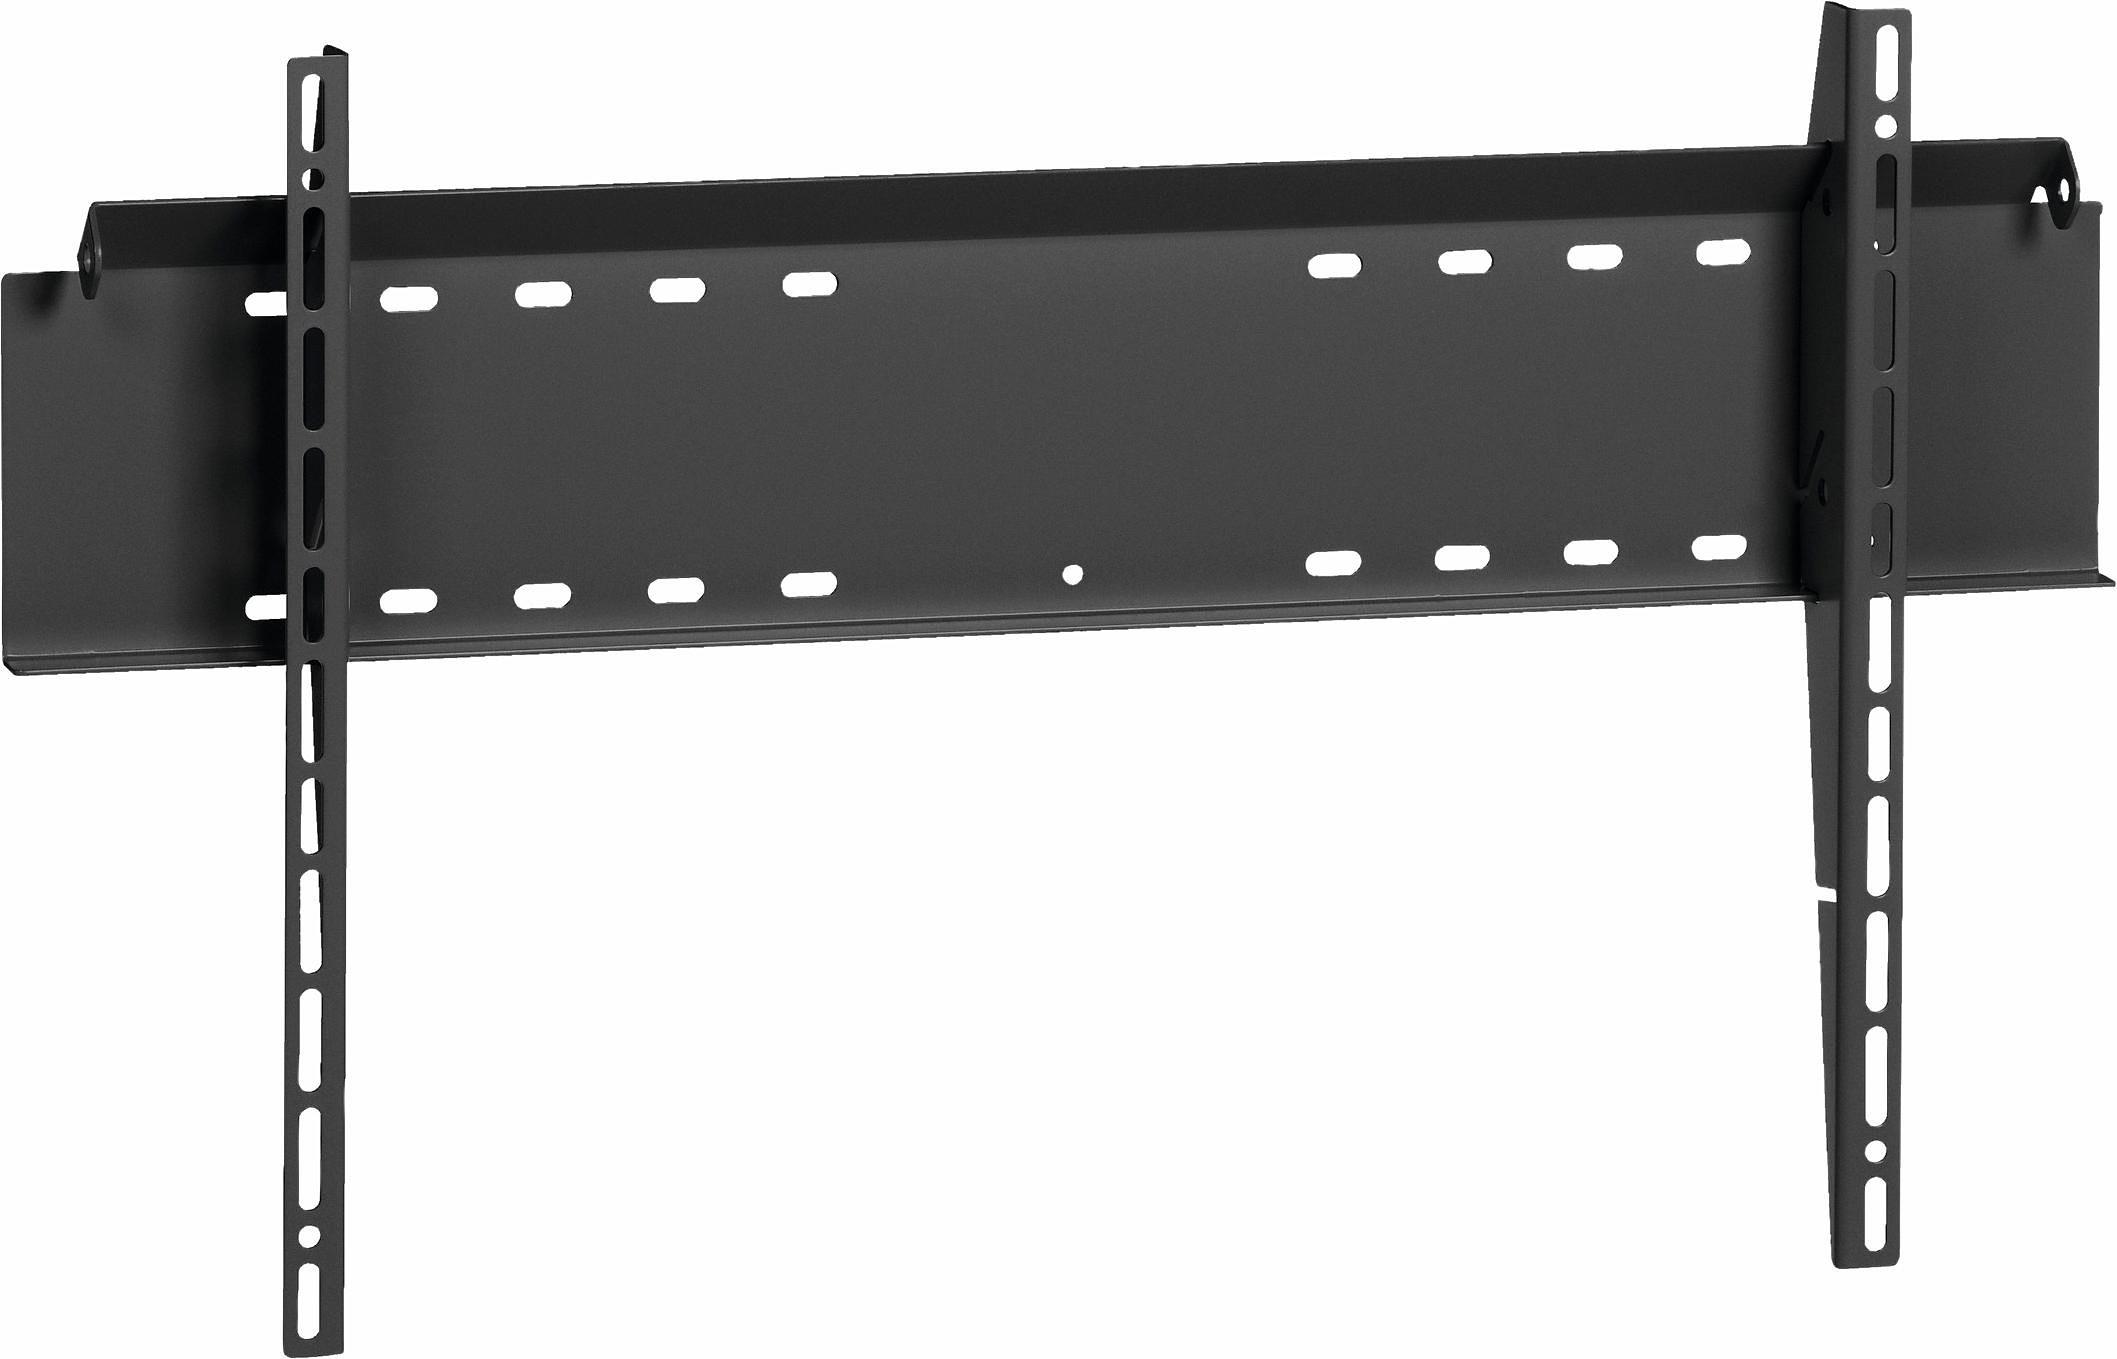 vogel's® TV-Wandhalterung »MFL 100«, neigbar, für 102-203 cm (40-80 Zoll) Fernseher, VESA 750x450